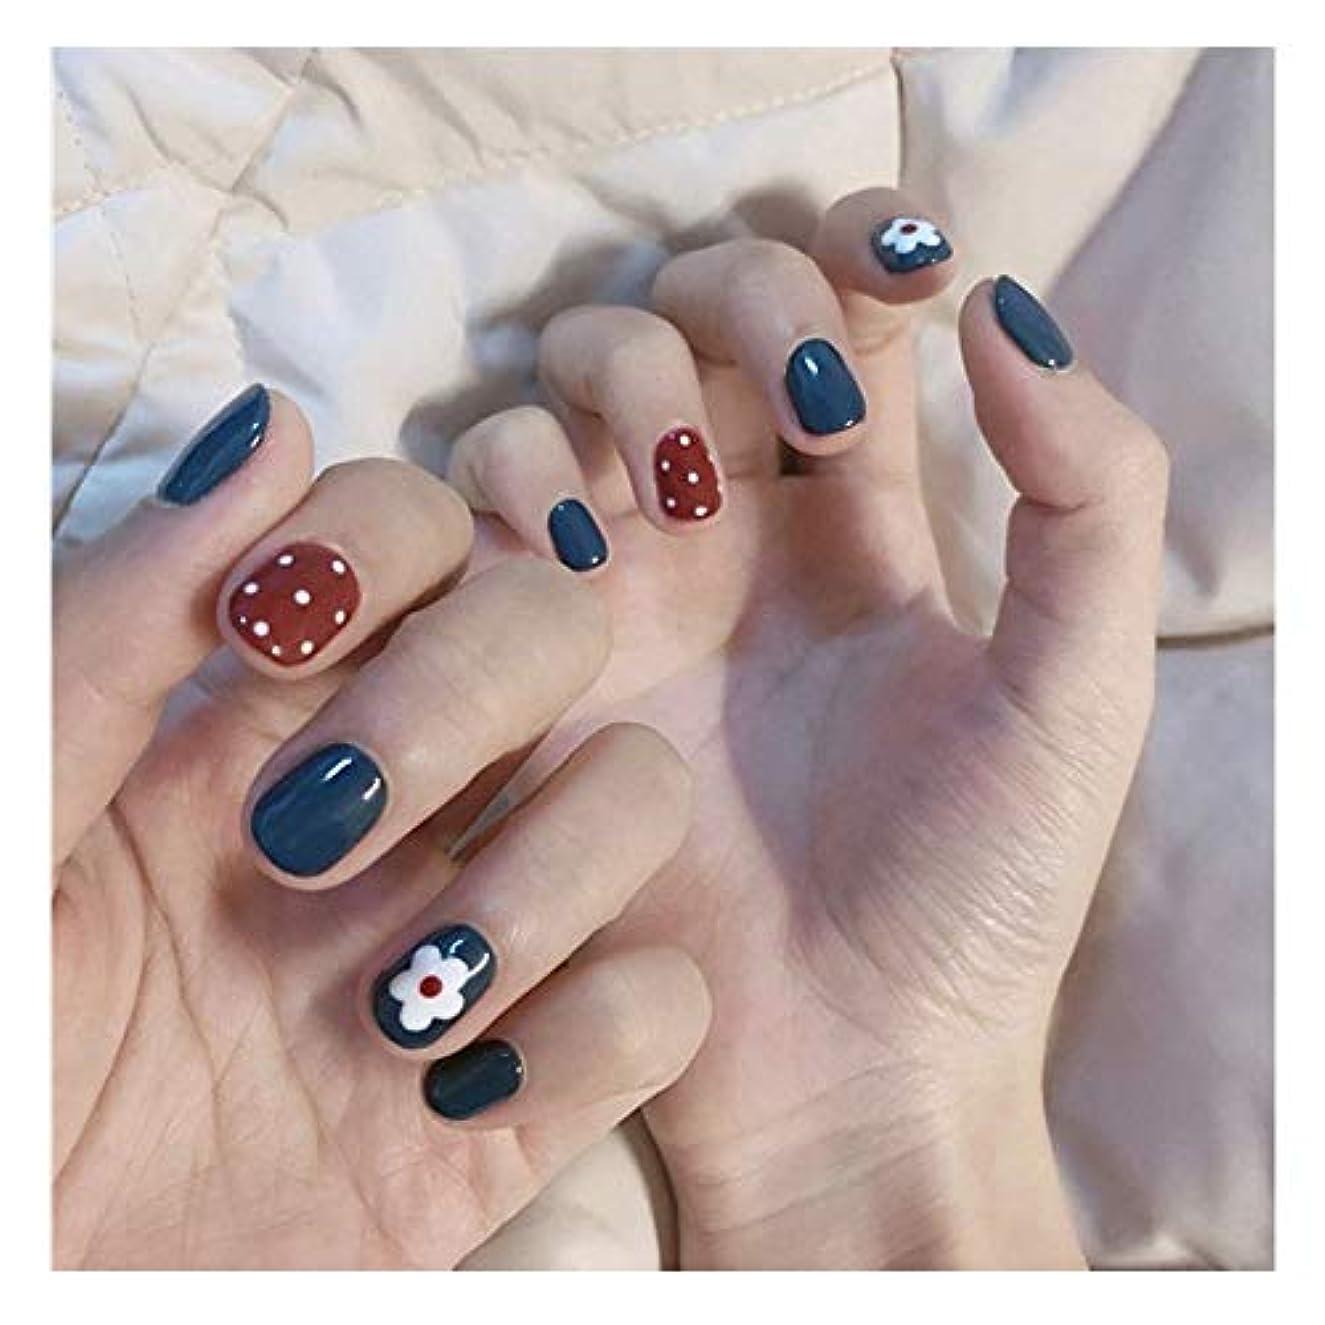 バンジージャンプ社会科慈善LVUITTON 明るい顔青+赤小の花偽の釘ショートネイルズのり完成ネイル偽の釘 (色 : 24 pieces)